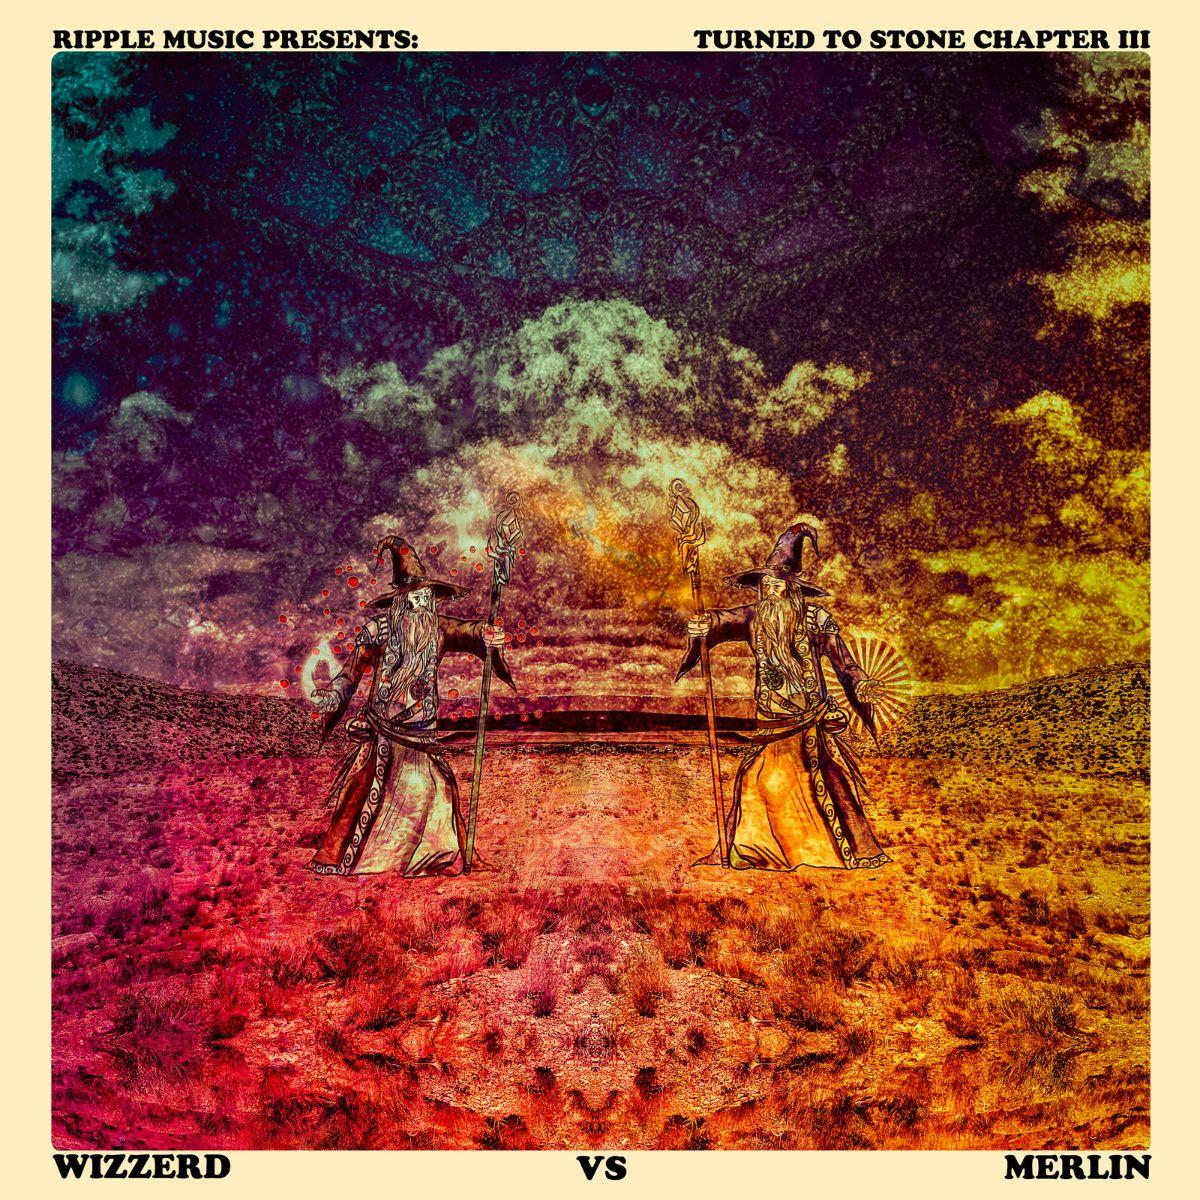 ripple music turned to stone chapter iii wizzerd vs merlin